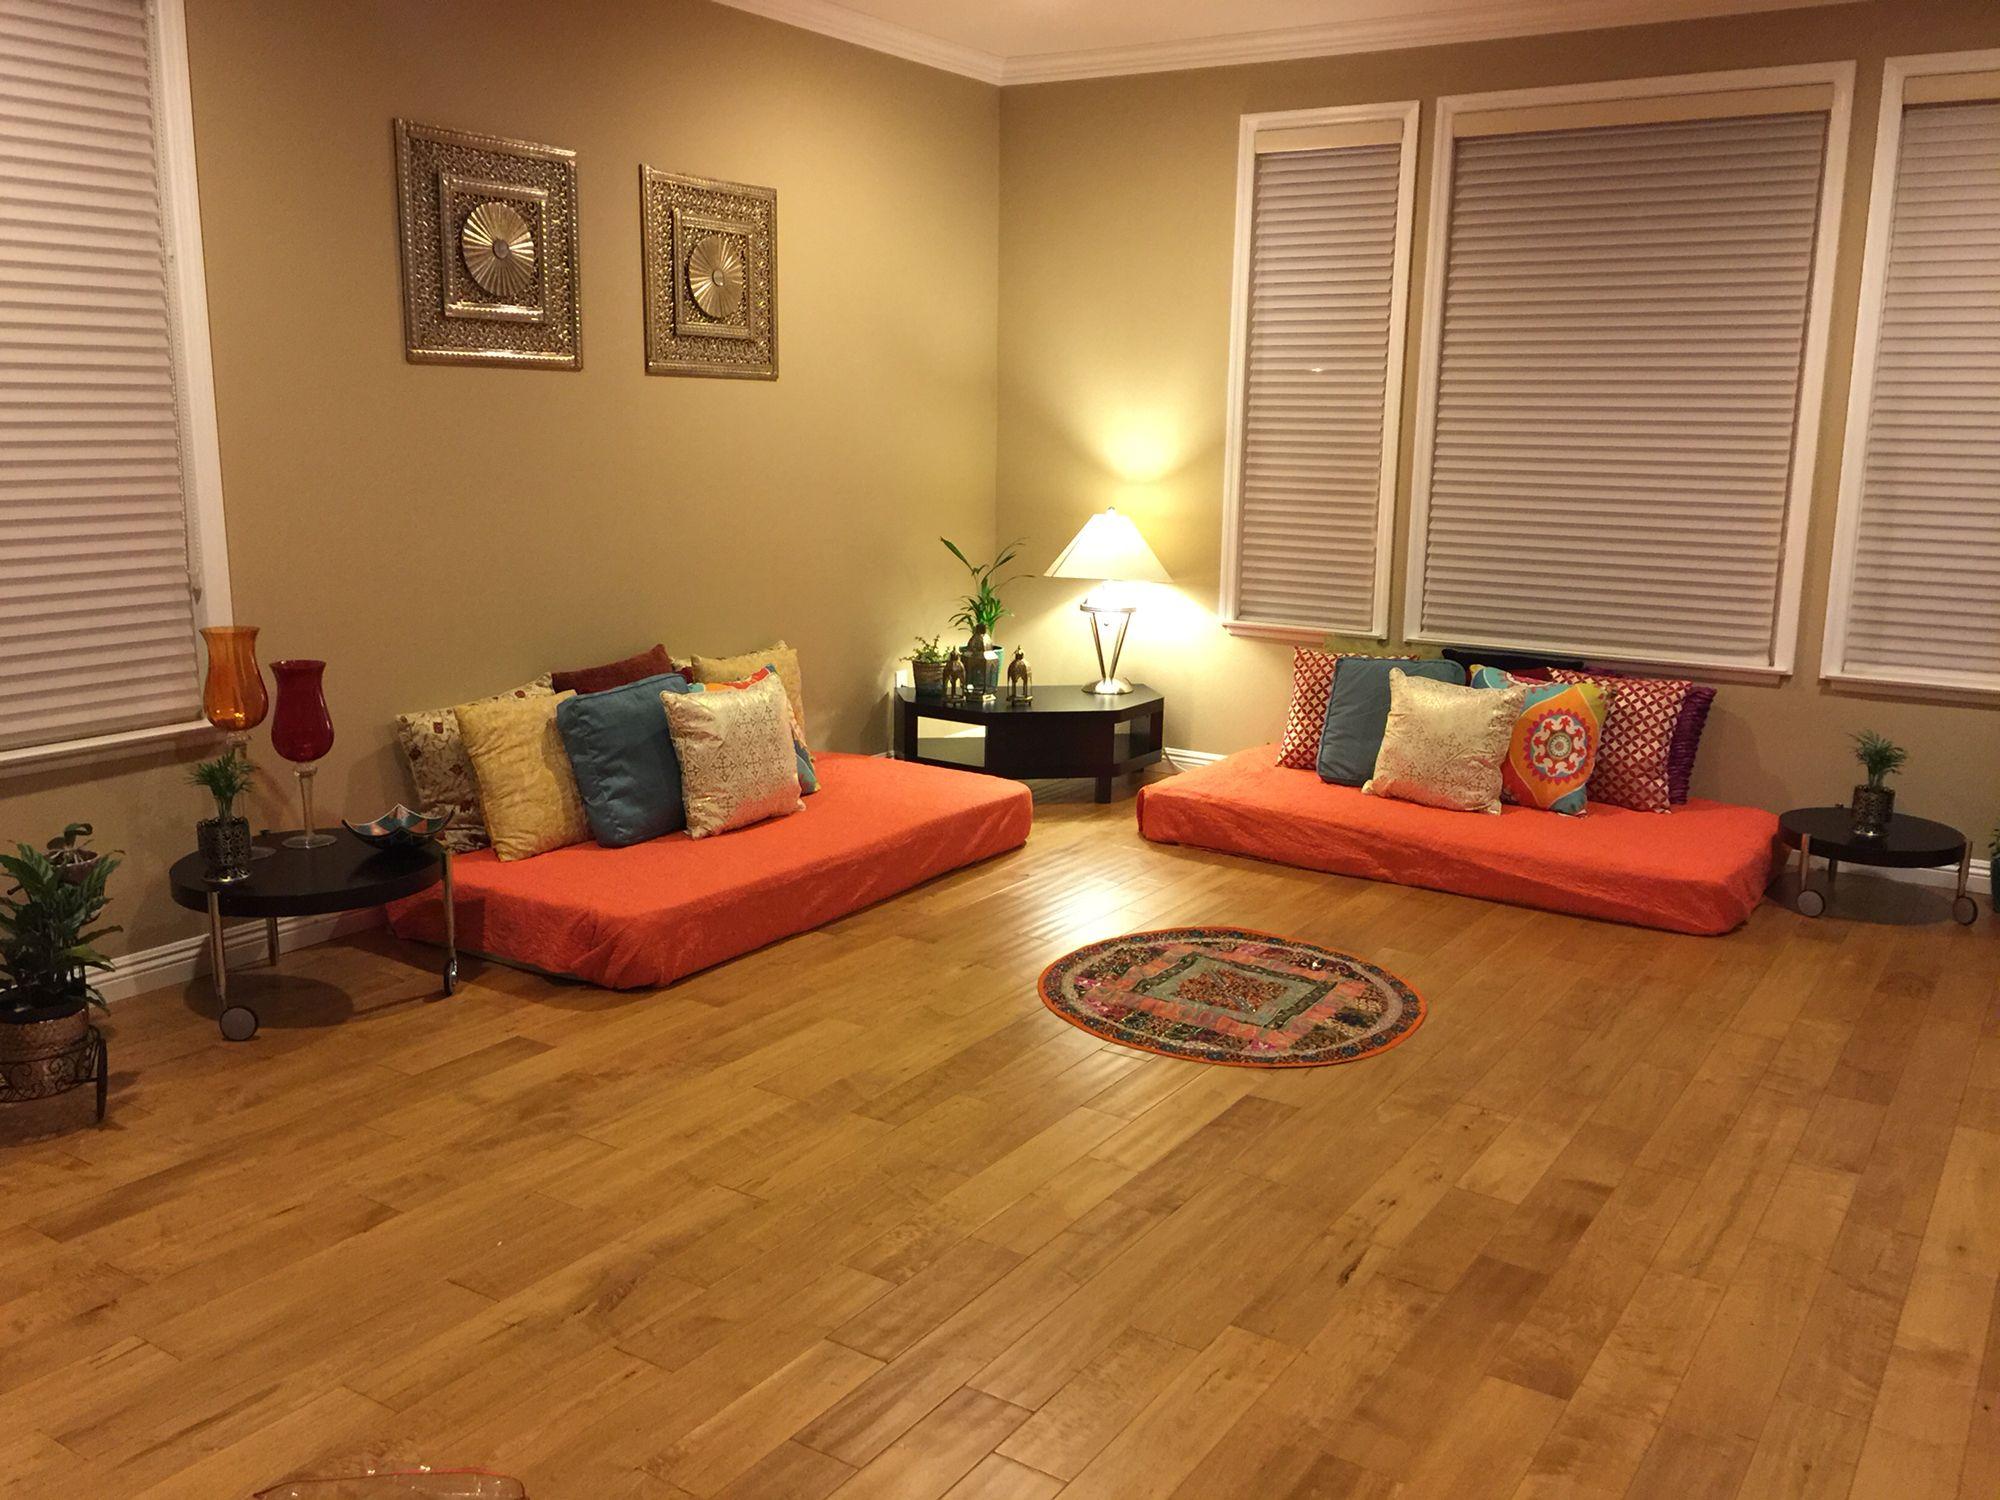 floor seating indian. Exellent Floor Crash Room For Teens With Floor Seating Indian 0